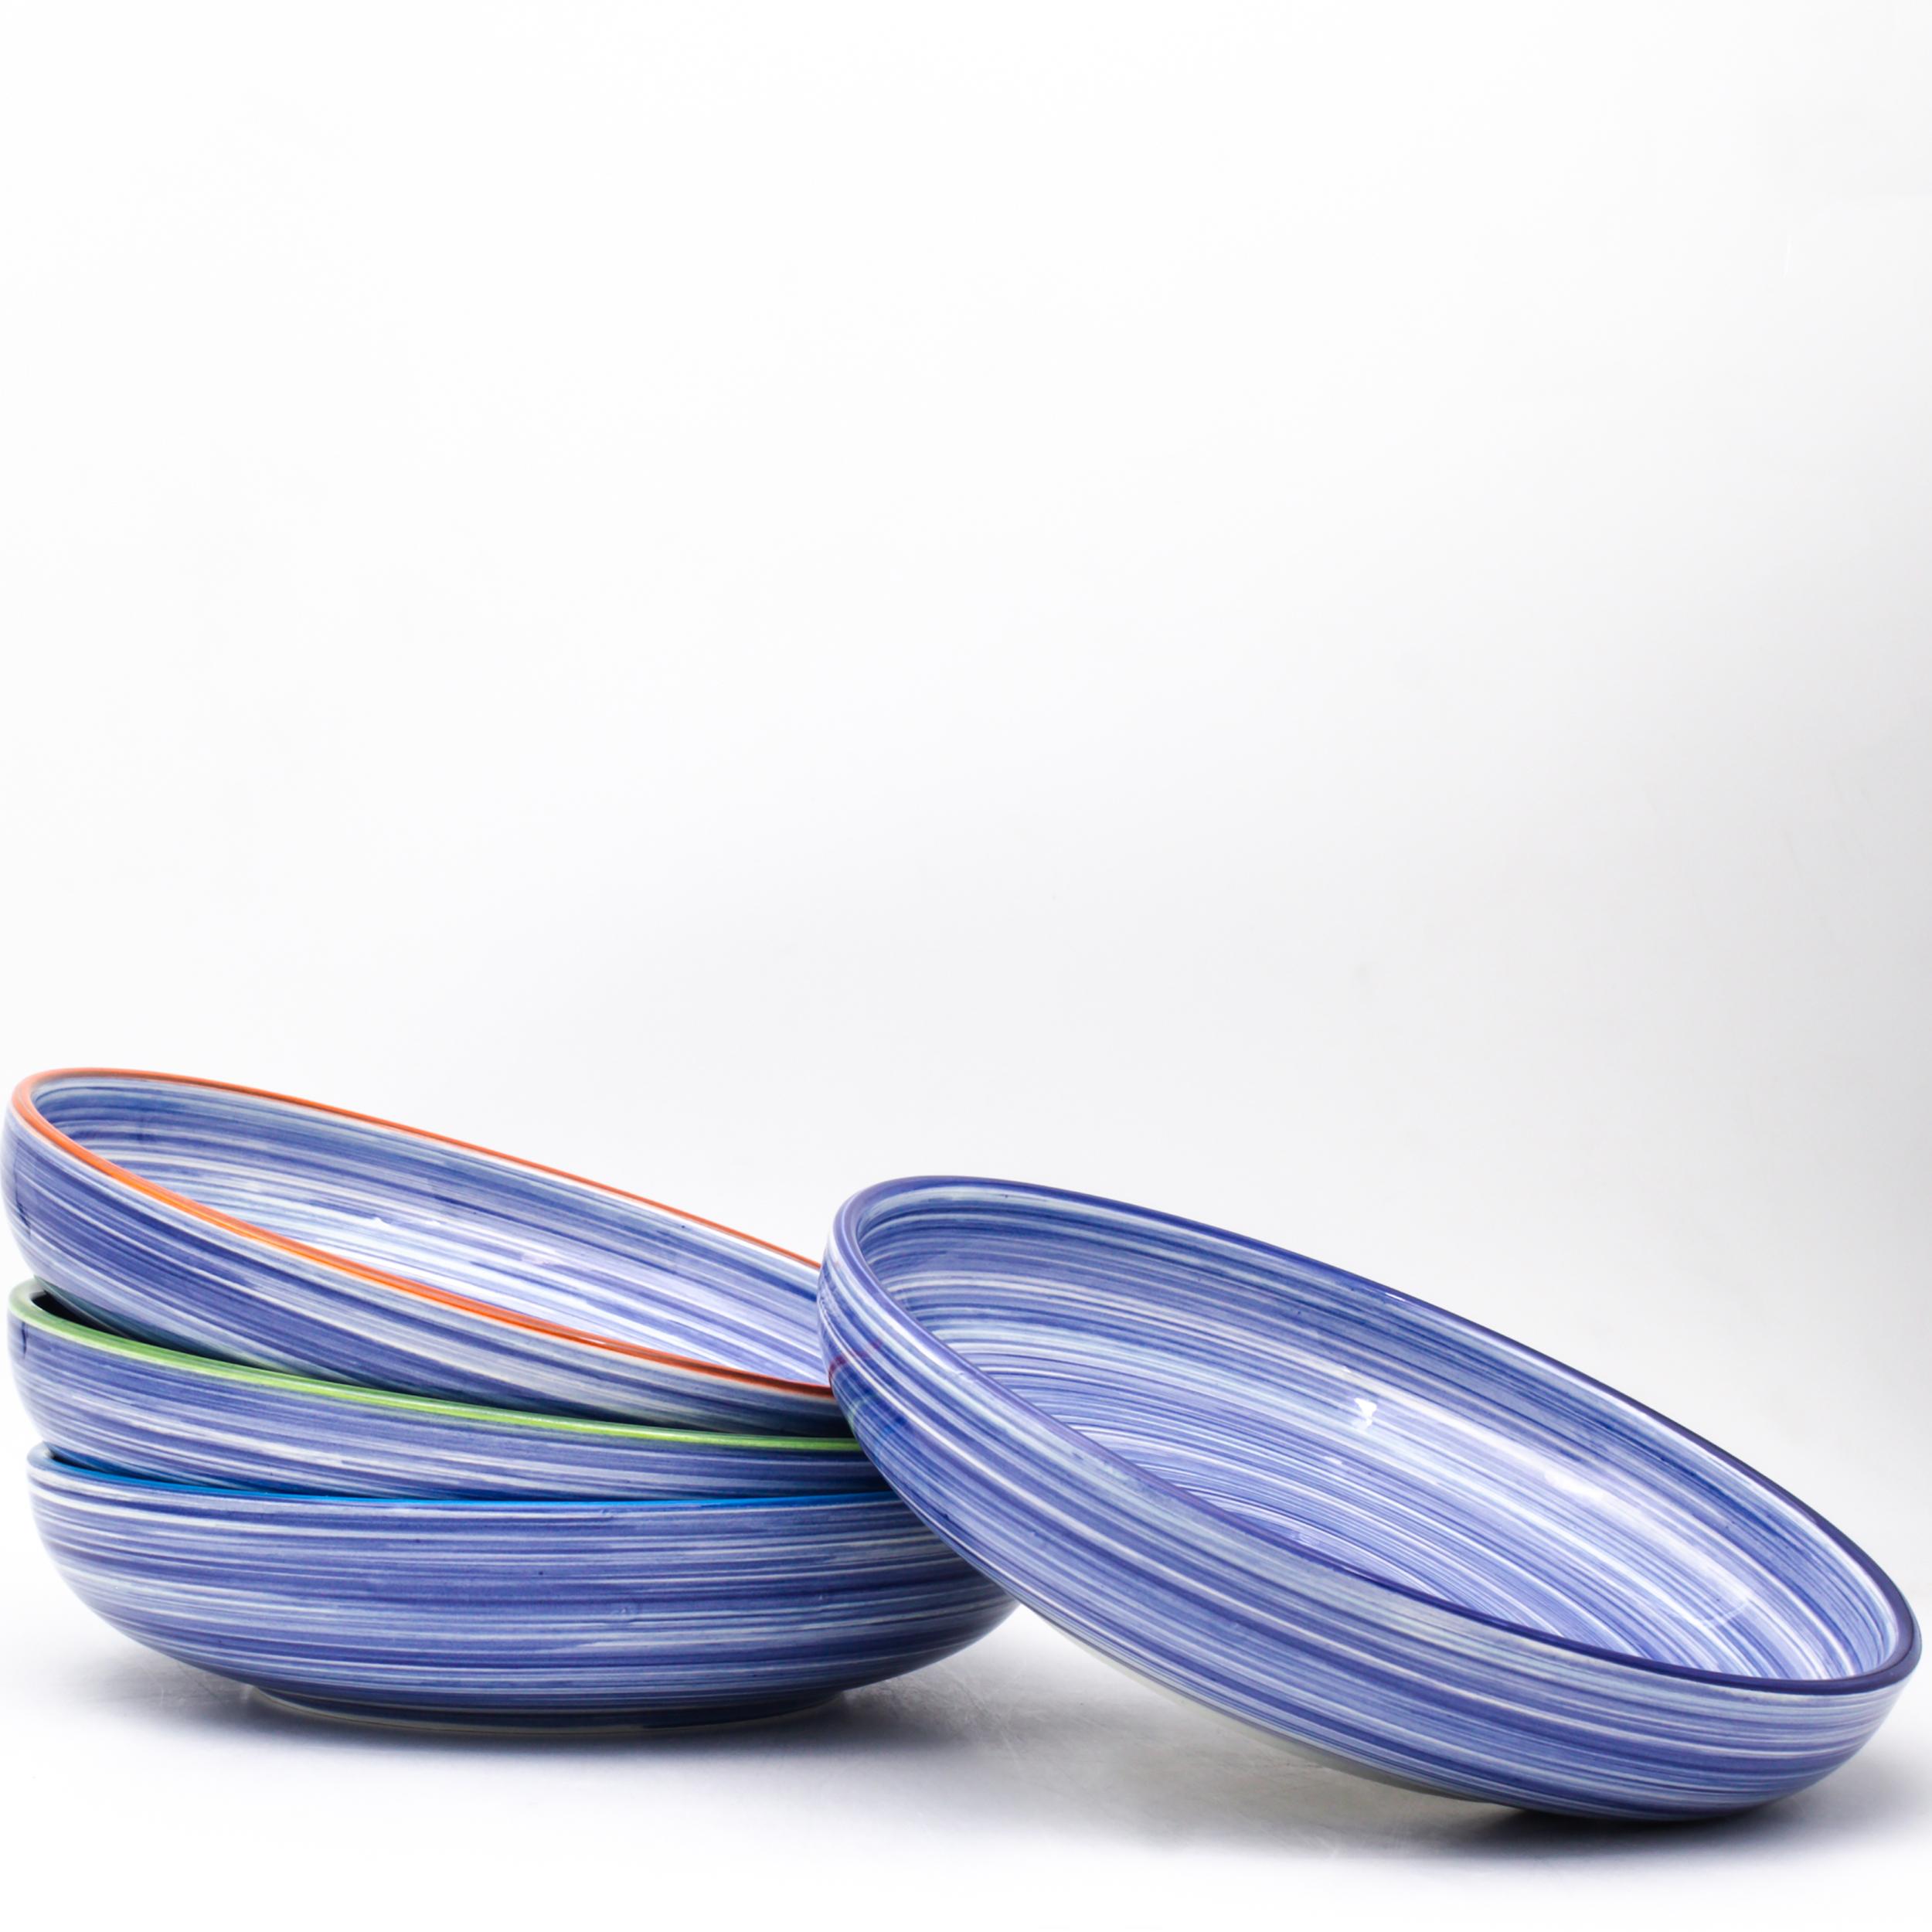 bleu turquoise 4 assiettes Färgrik 4 Pièce Ocean Blue Spaghetti Pasta BOWLS